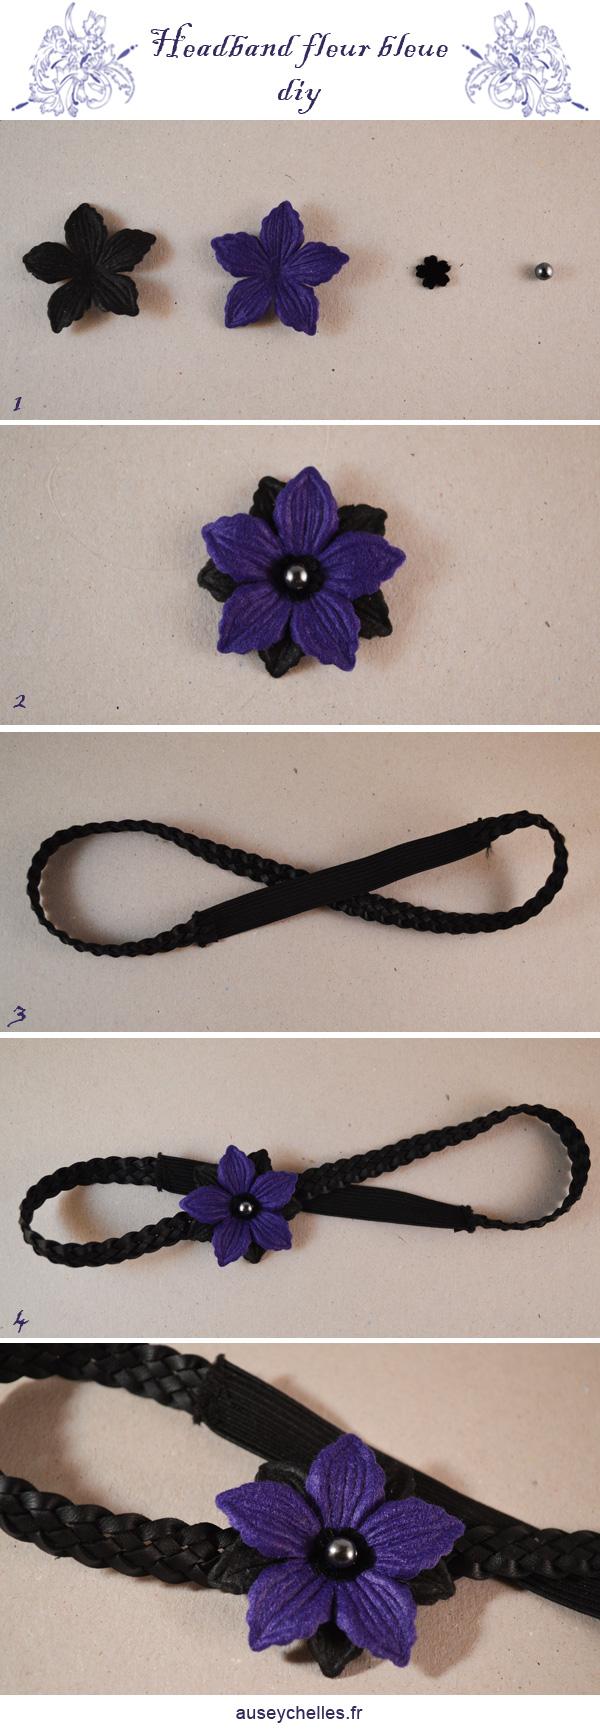 headband fleur bleue tutoriel